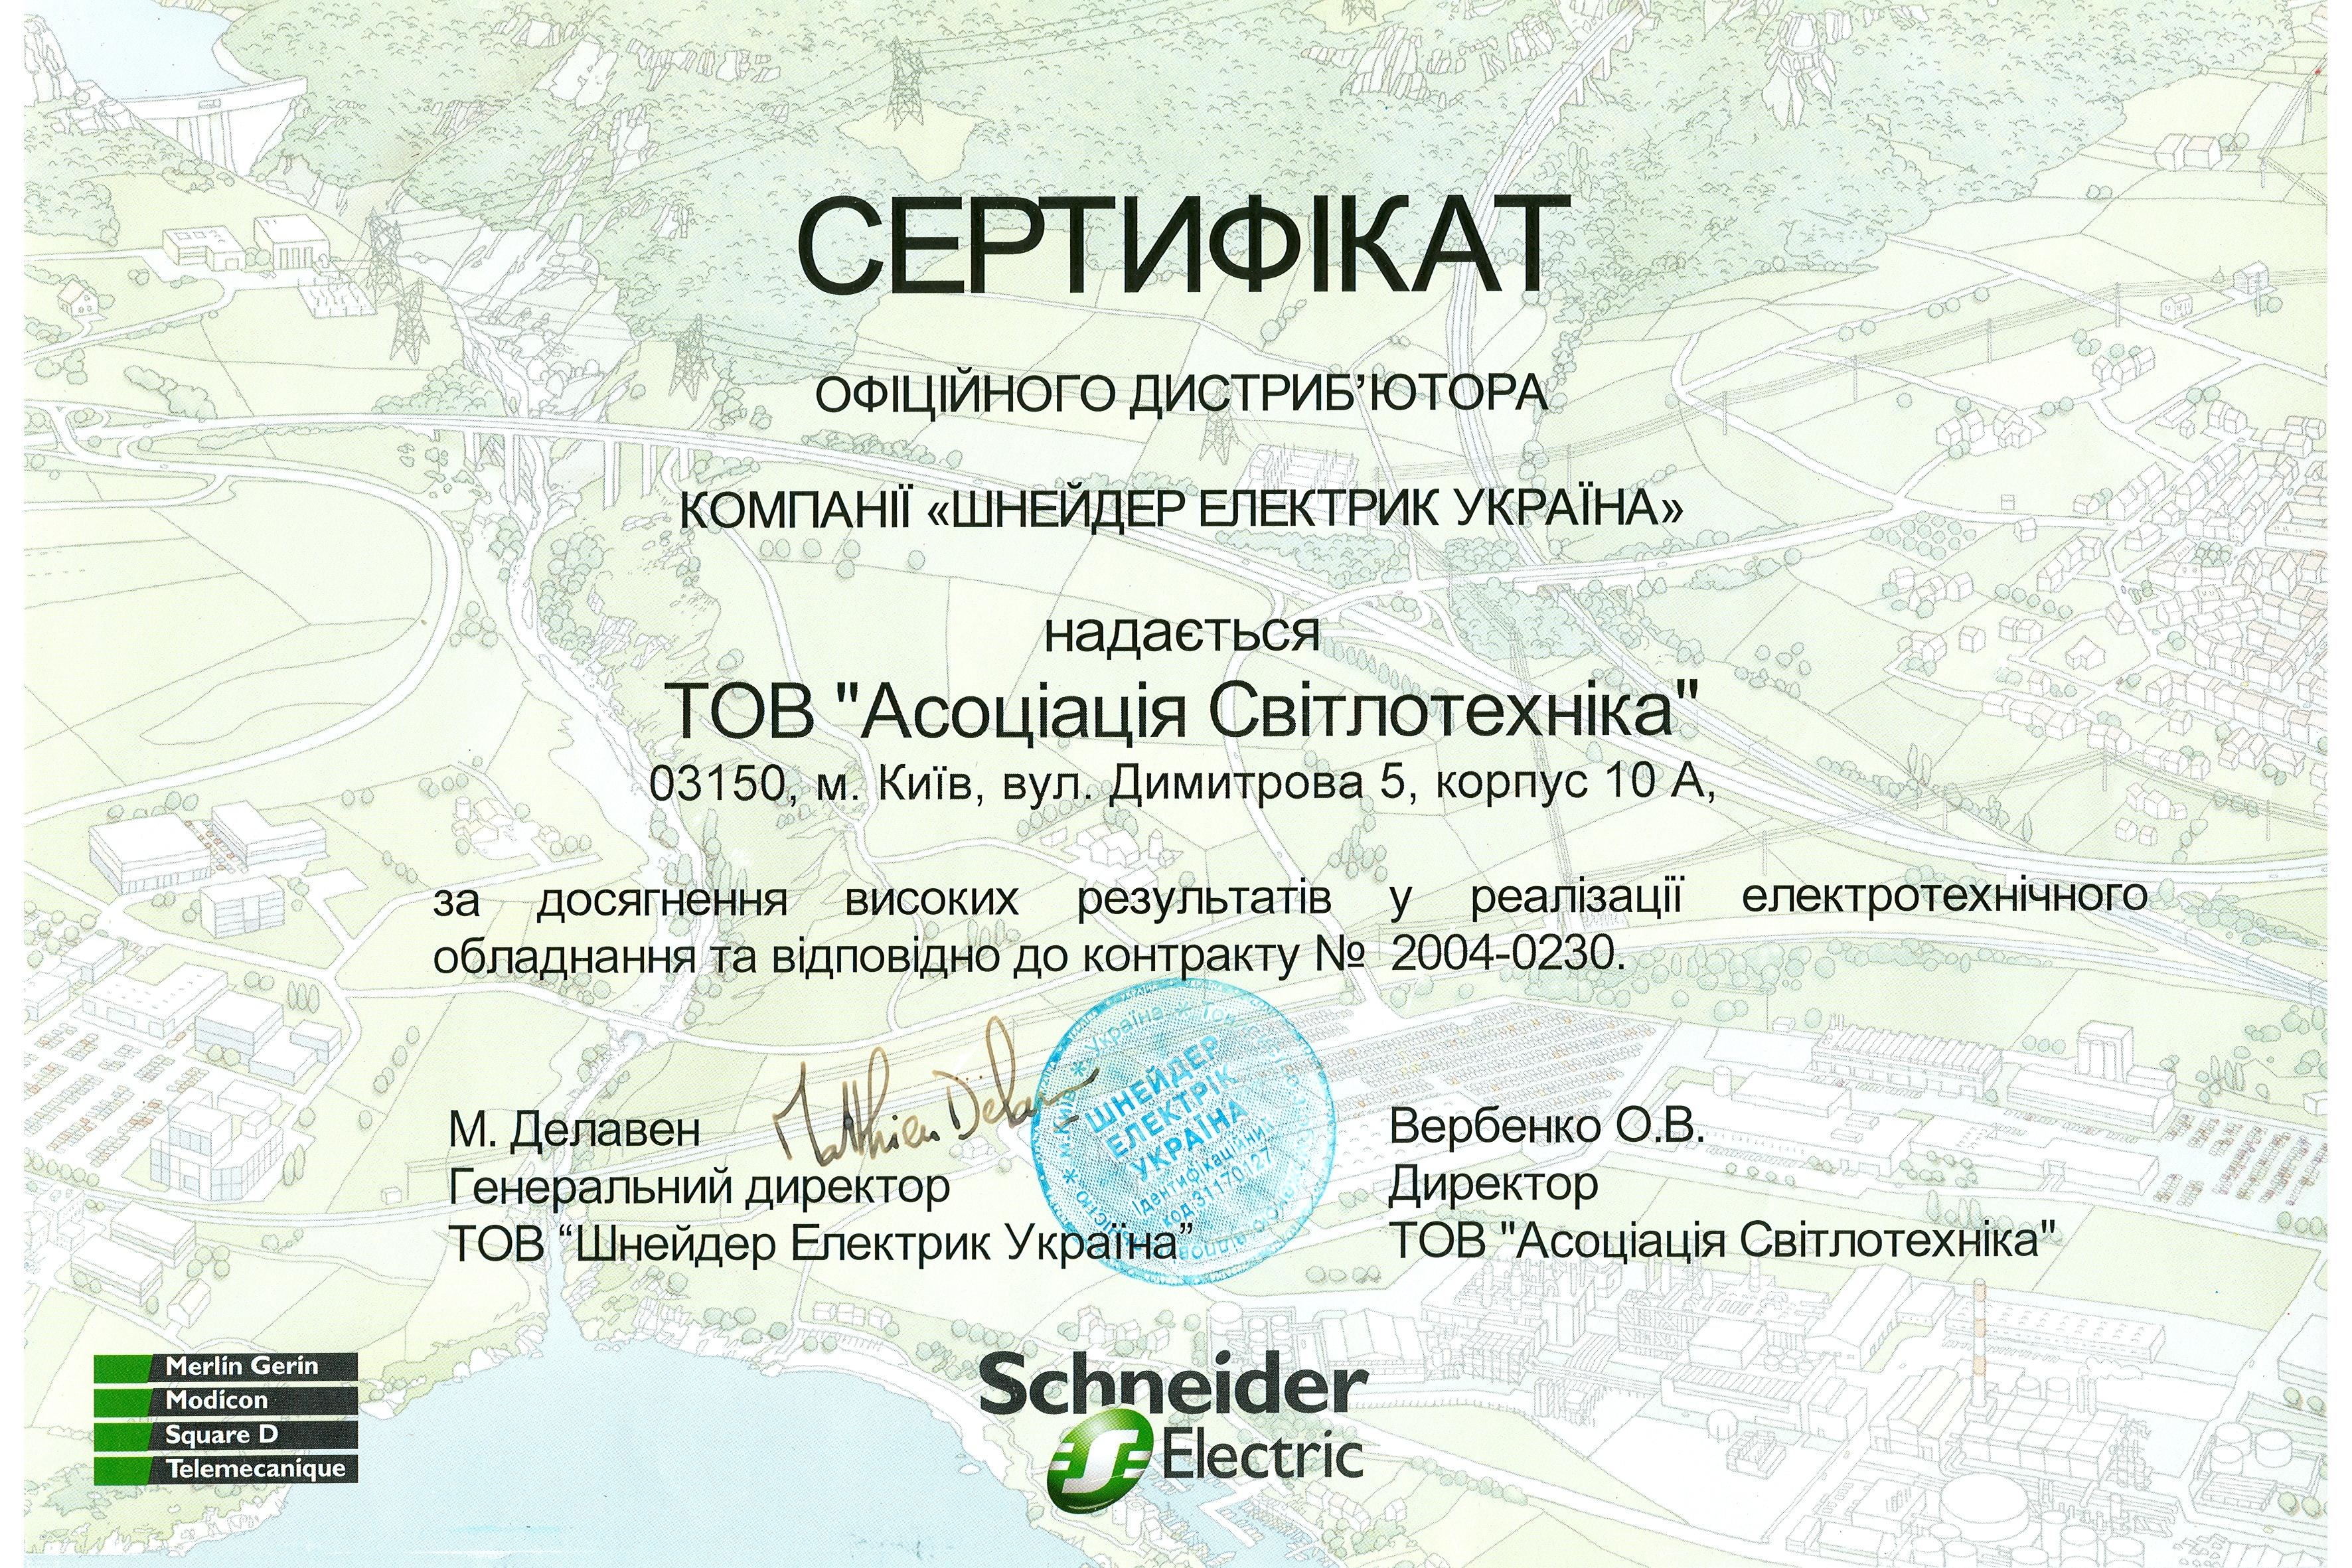 Сертификат официального дистрибьютора компании Шнейдер Электрик Украина предоставлен компании Светотехника за достижение высоких результатов в реализации электротехнического оборудования Schneider Electric в Украине